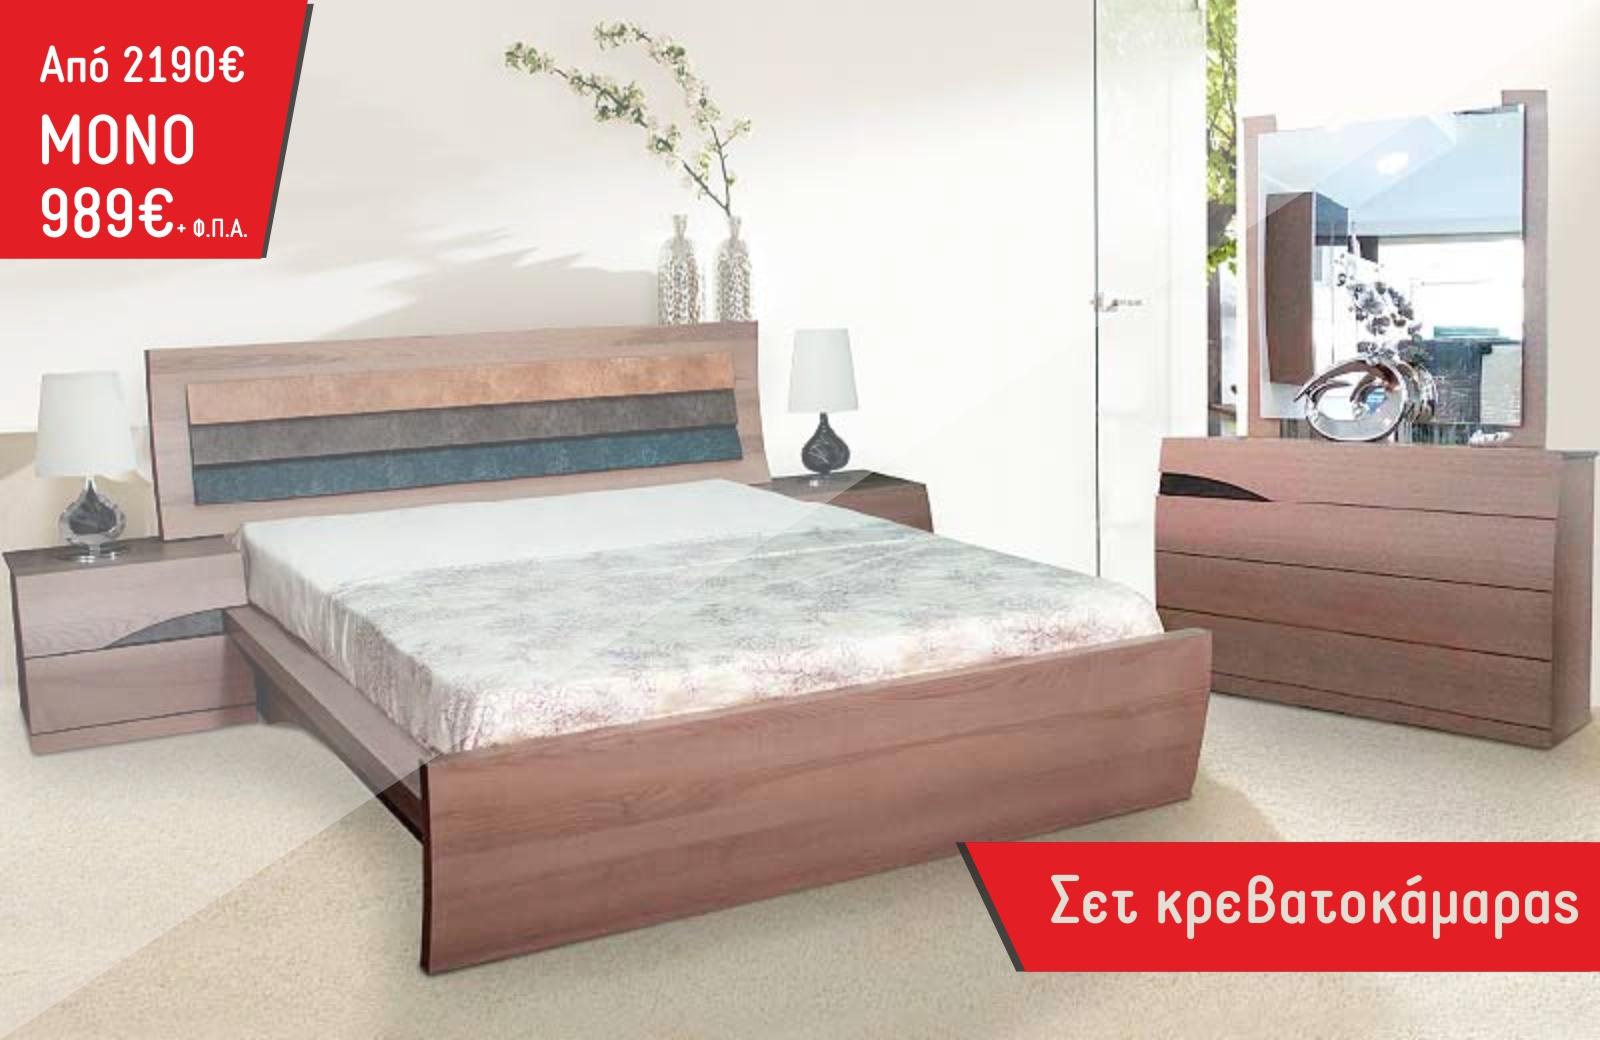 Feel Your Bedroom!